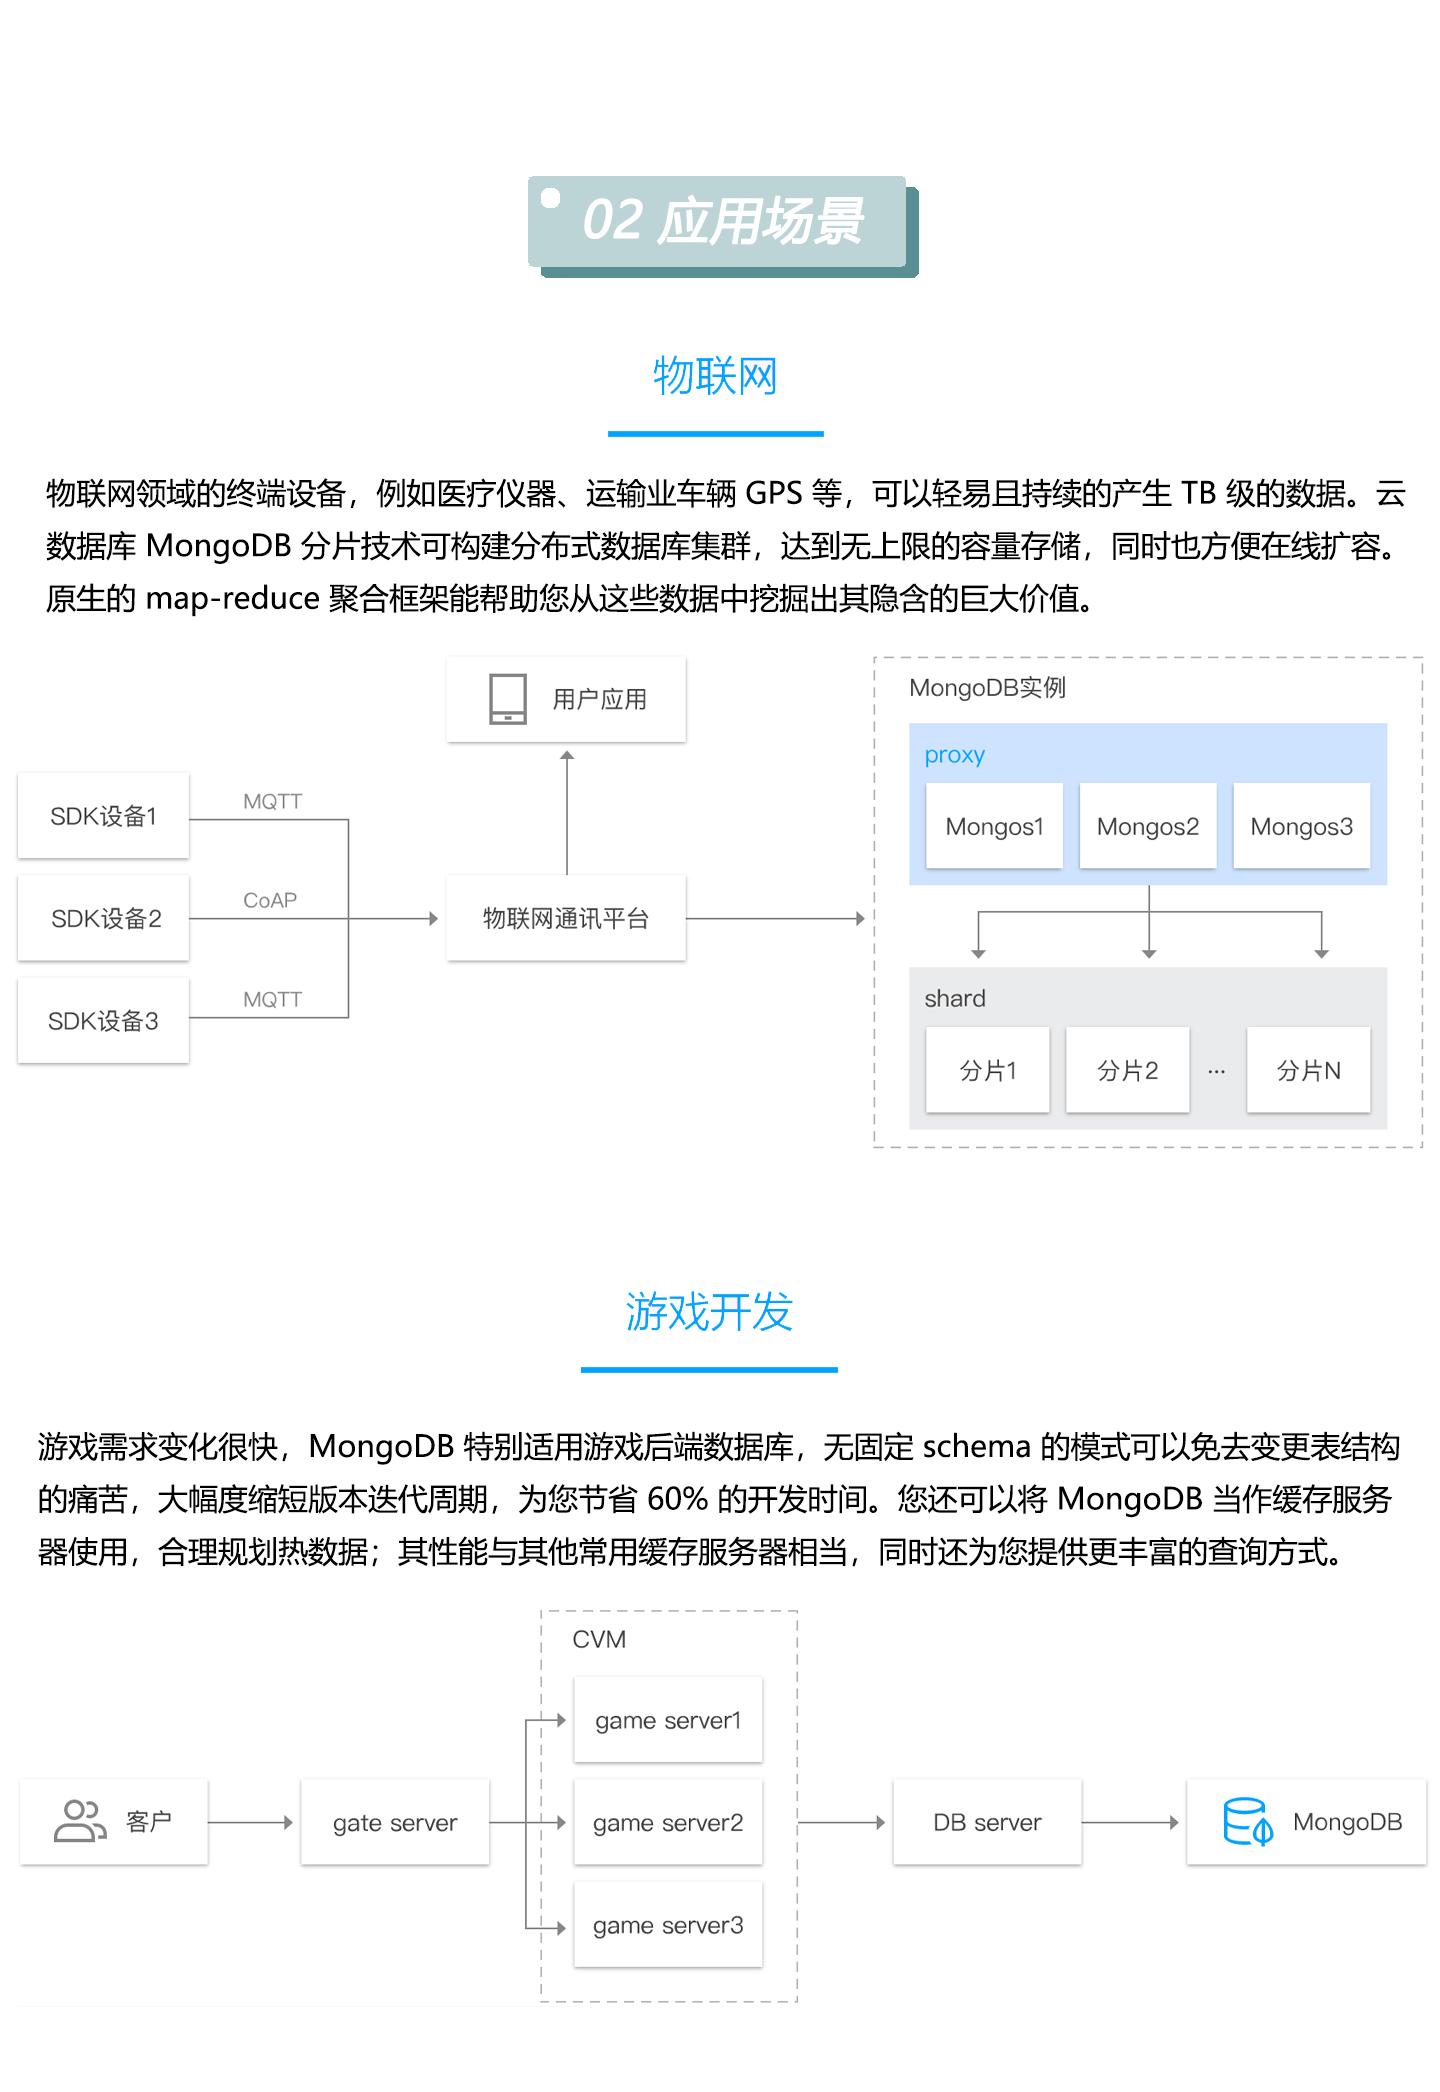 云数据库-TencentDB-for-MongoDB-1440_03.jpg